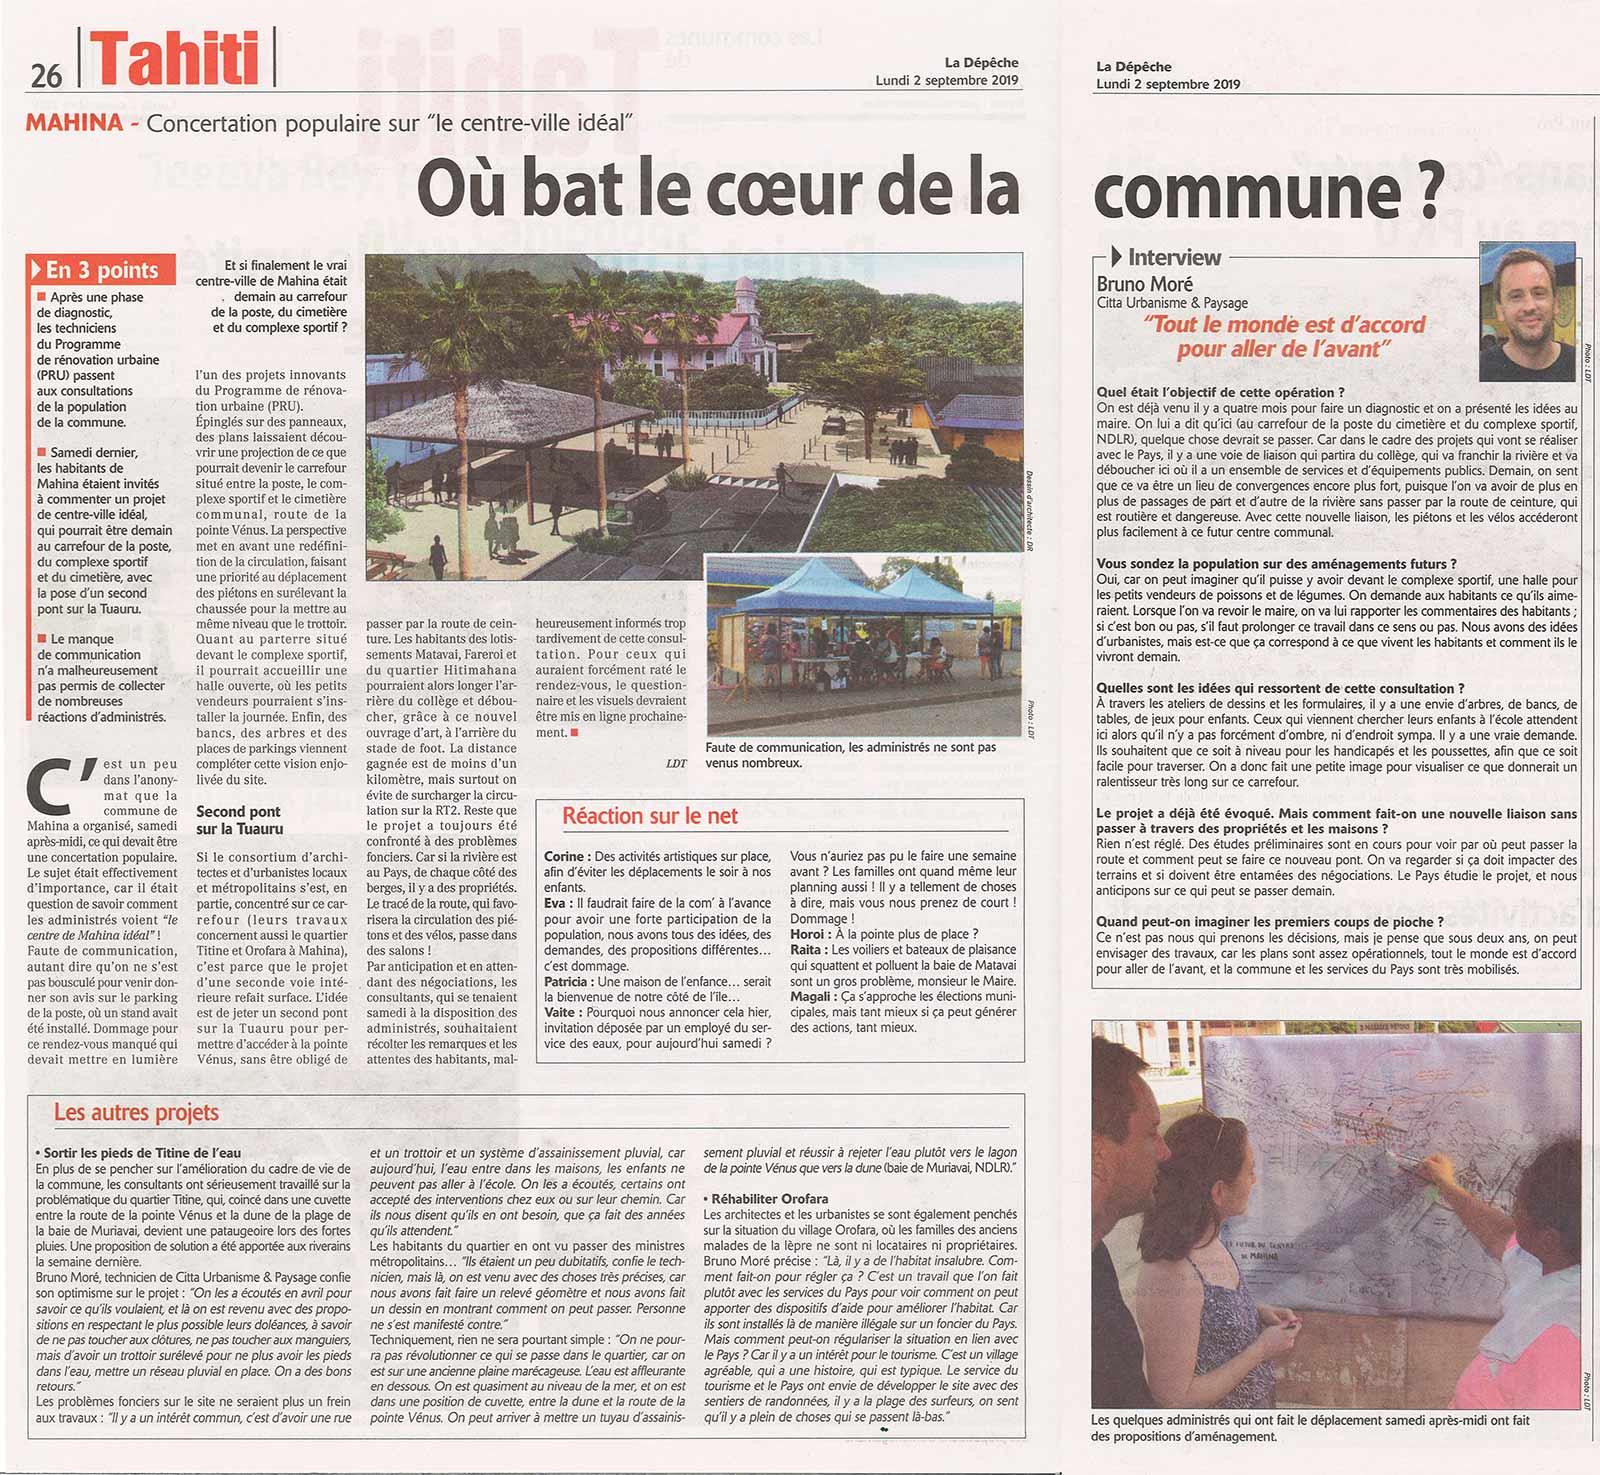 Article sur les 2 projets de Città Urbanisme et Paysage à Tahiti.